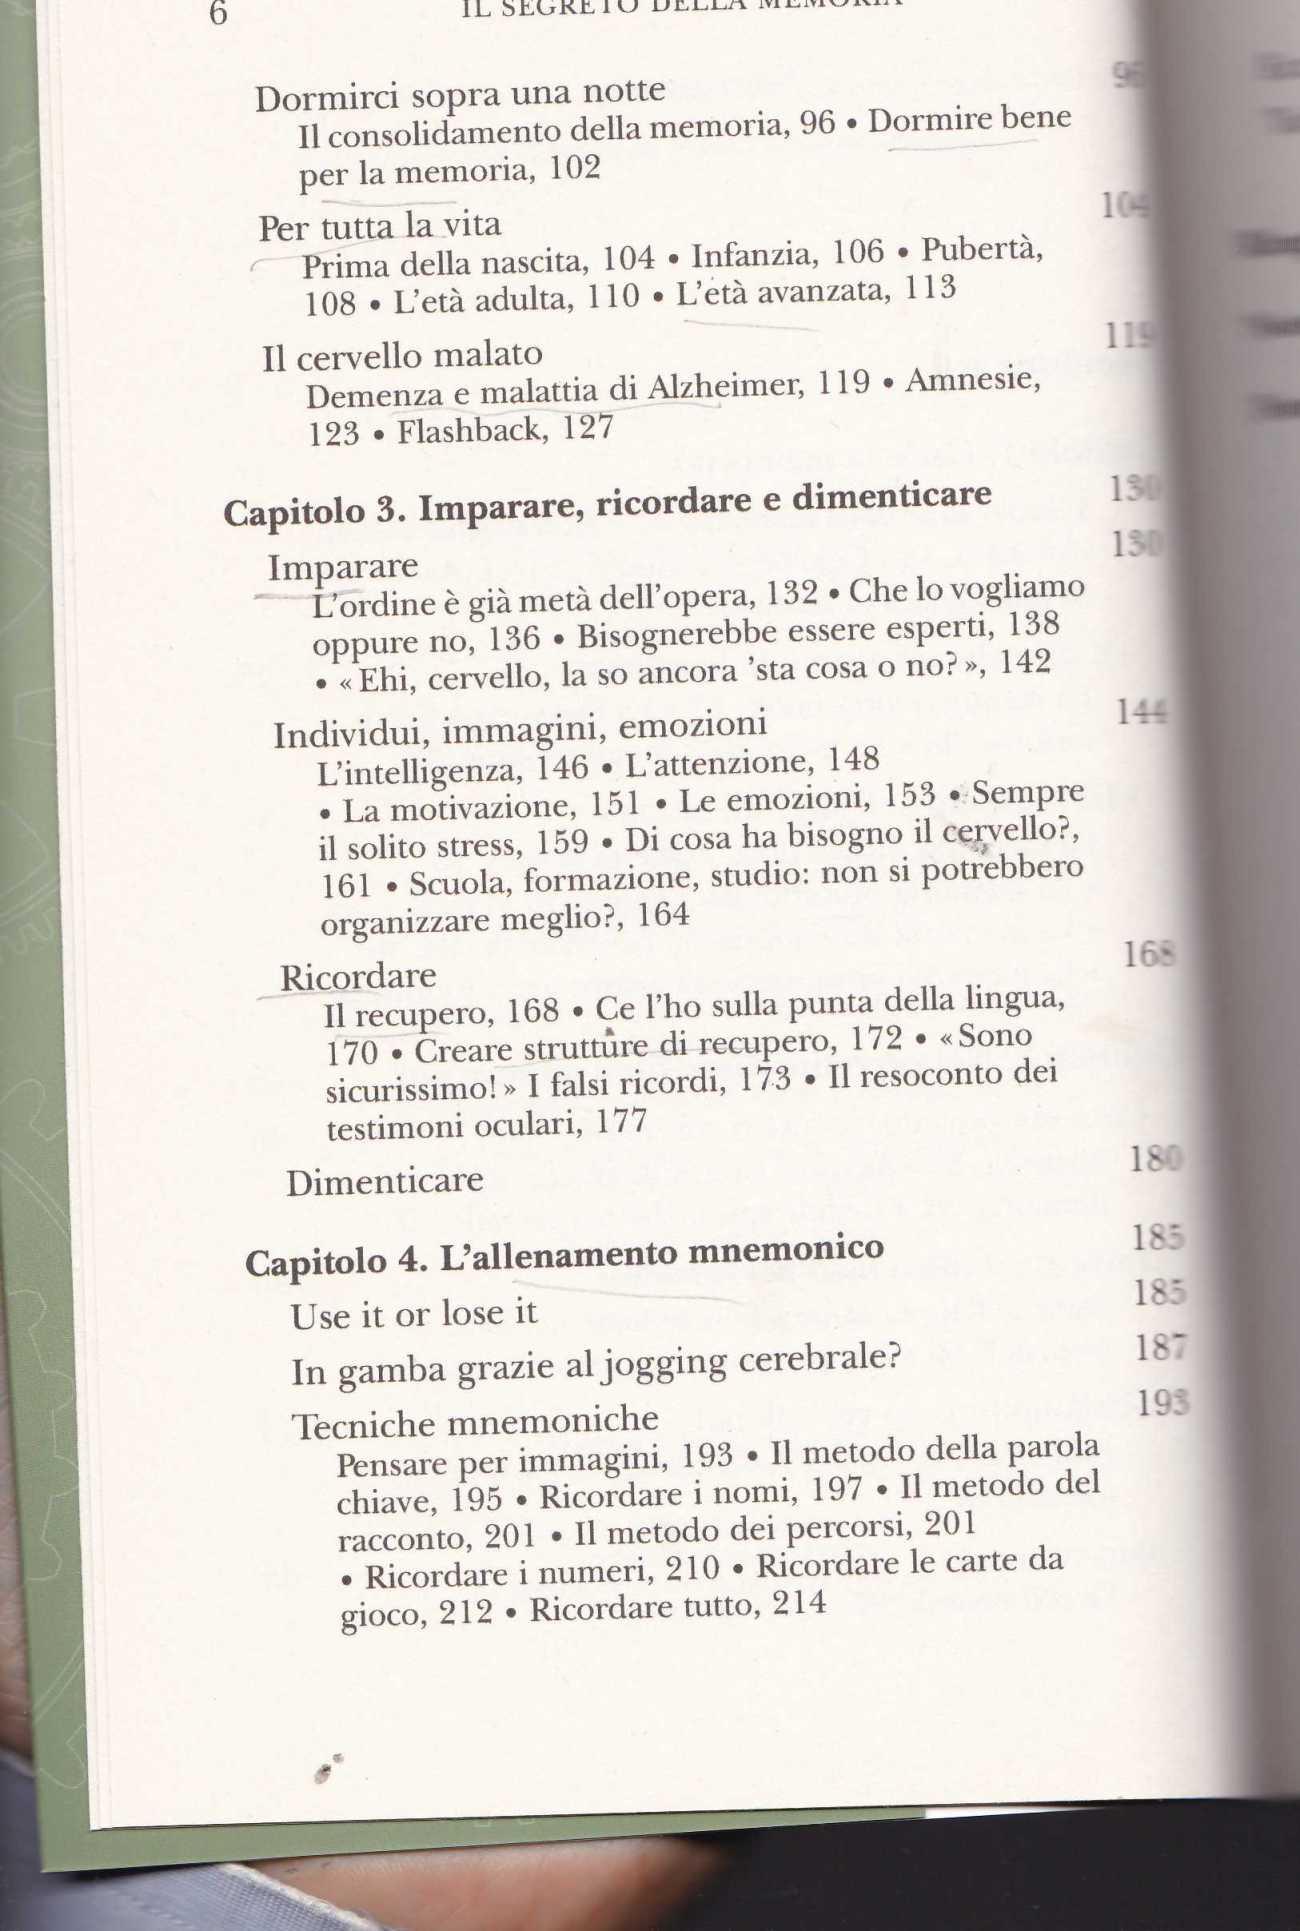 konrad3668